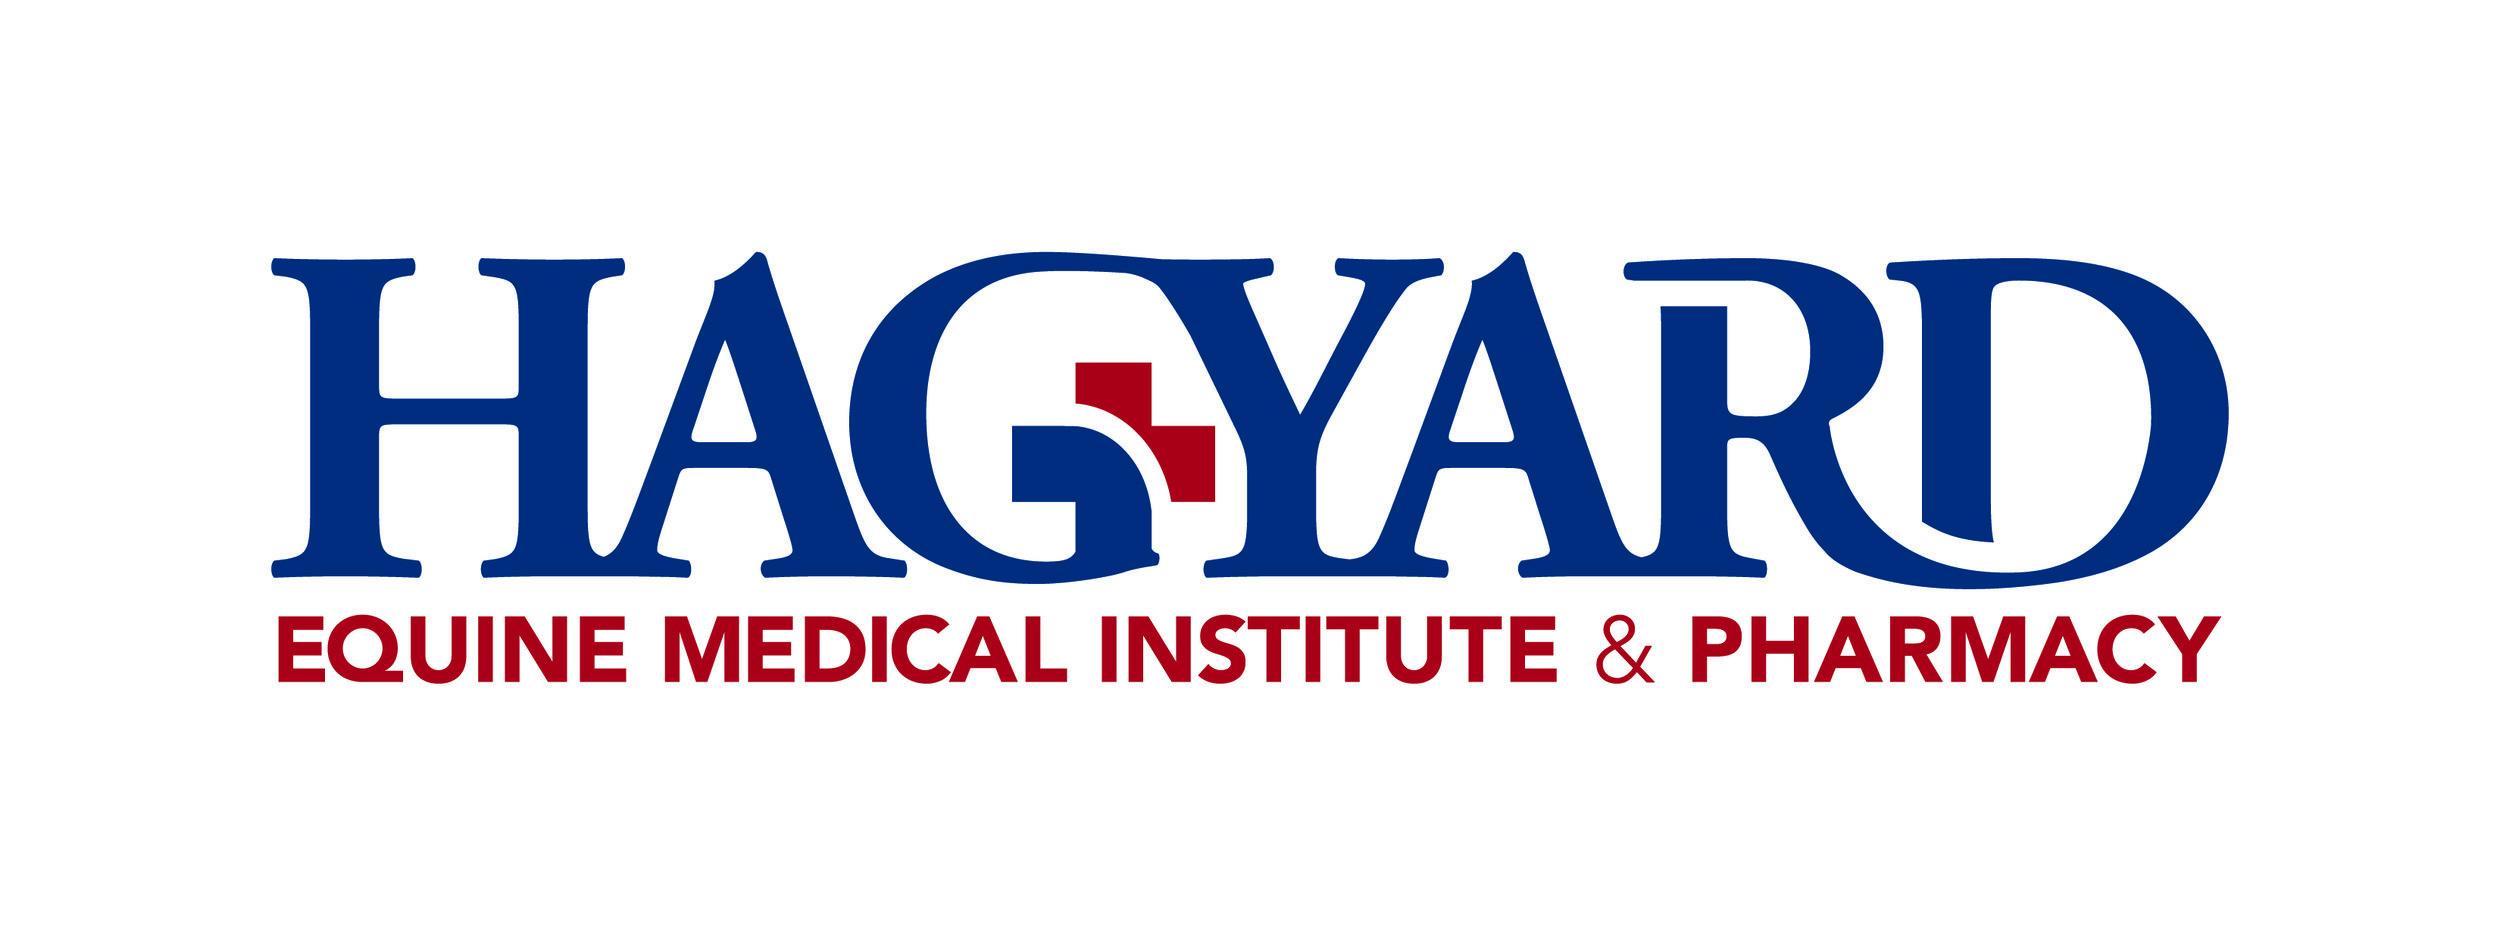 Hagyard Equine Medical Institute